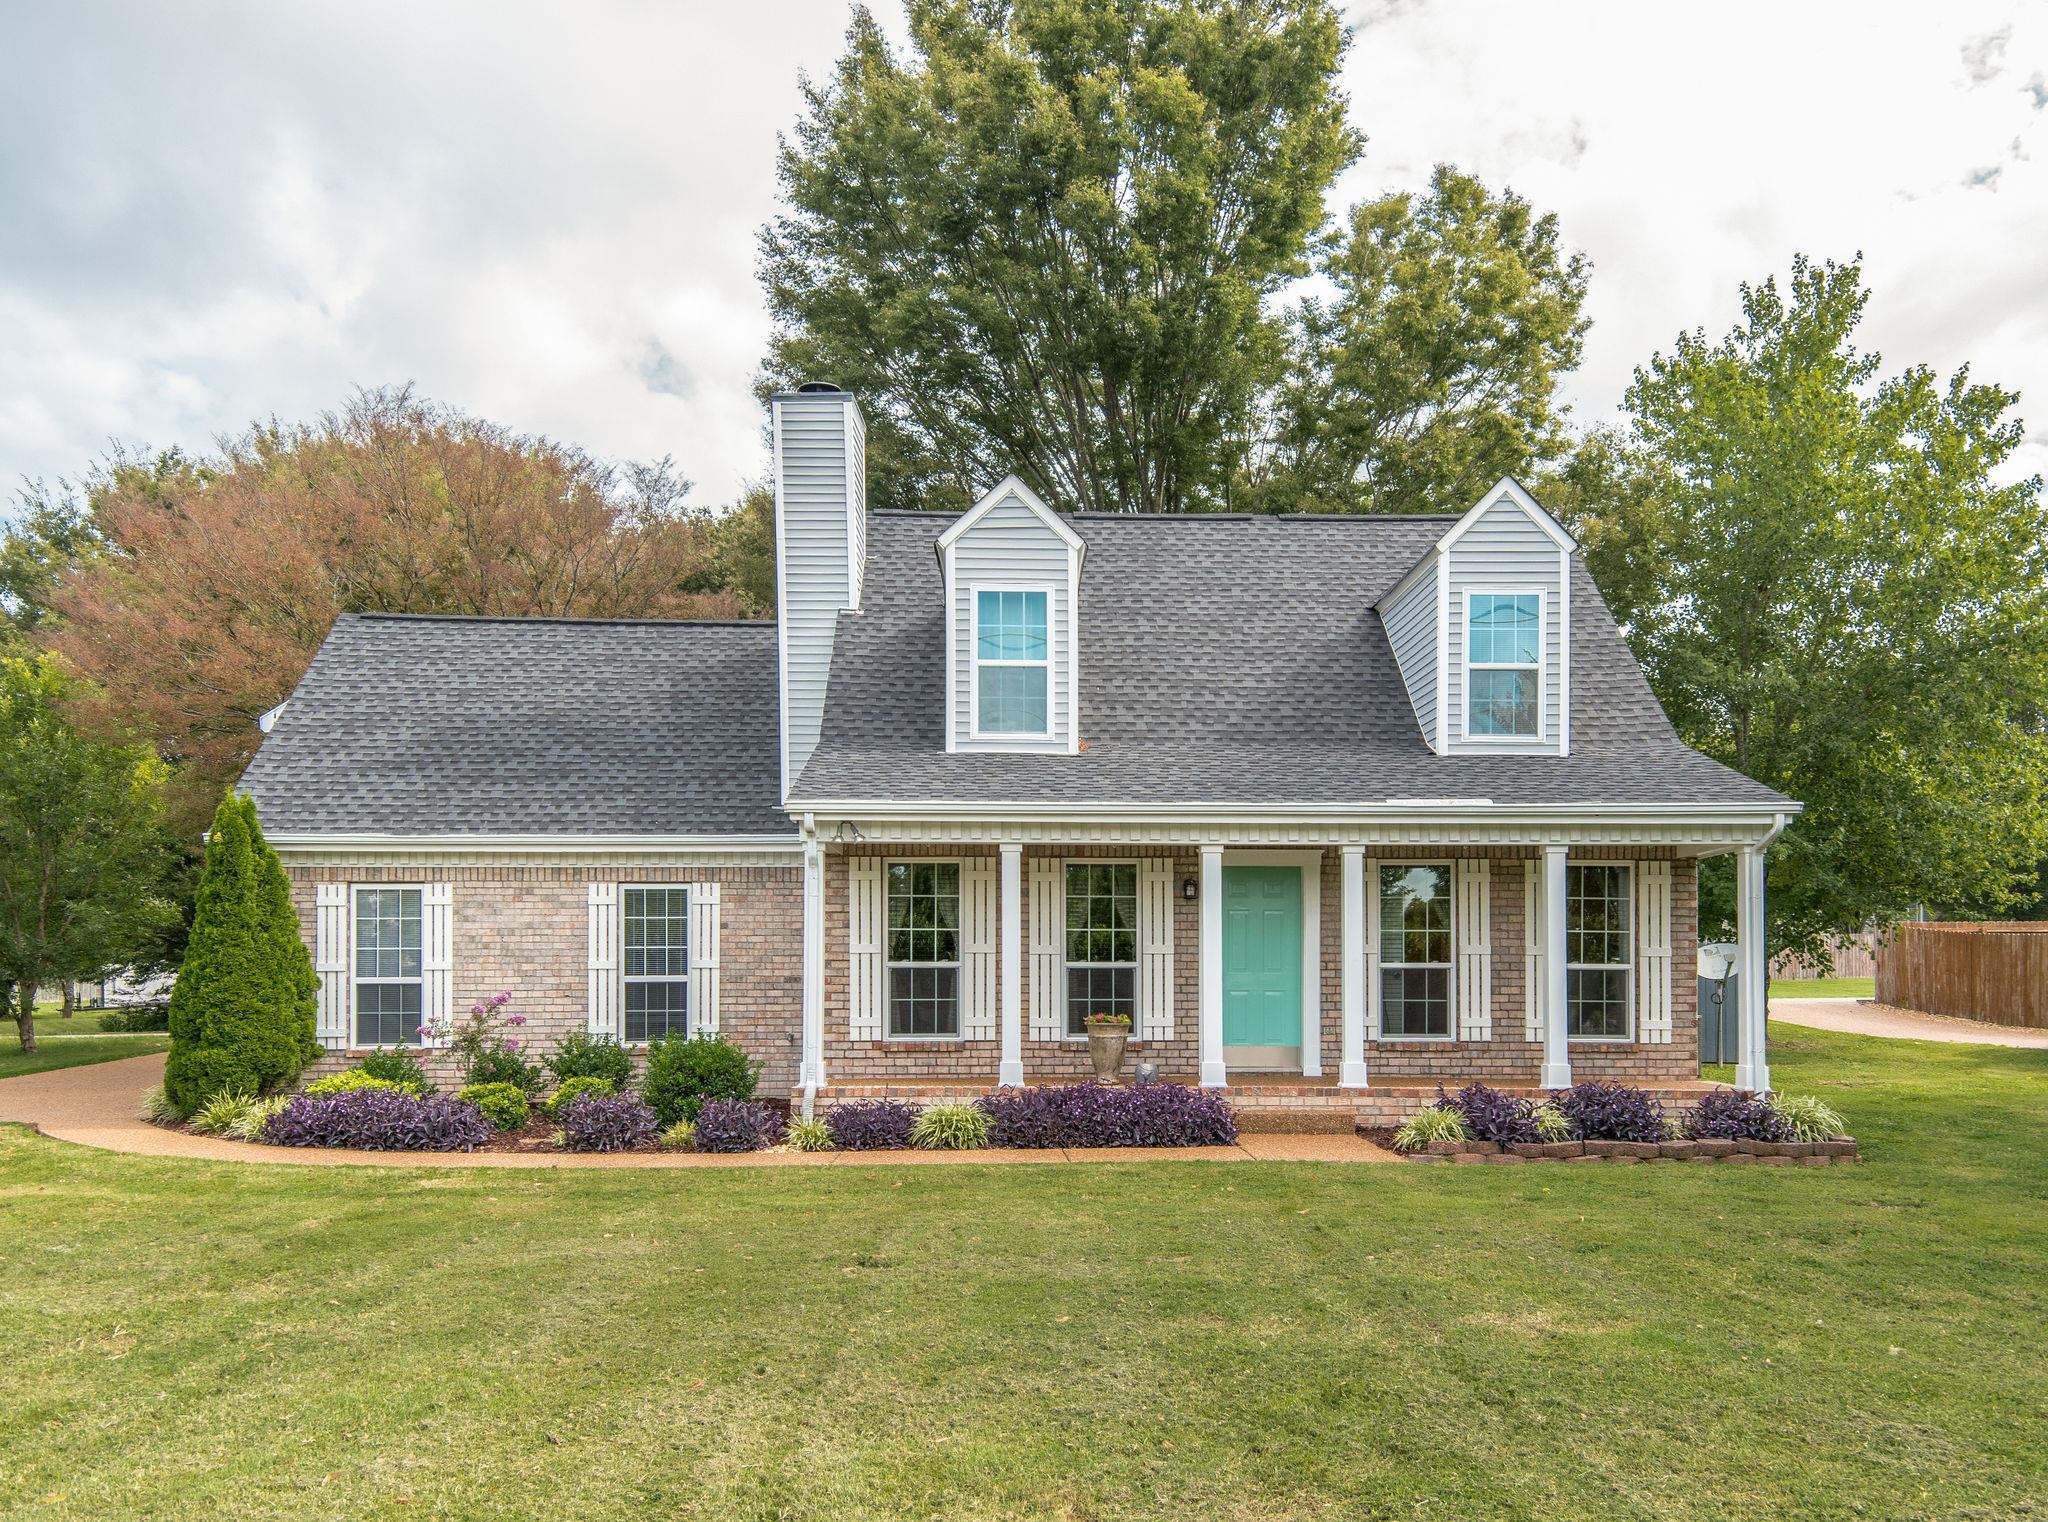 Arbor Lakes Sec 2 Real Estate Listings Main Image